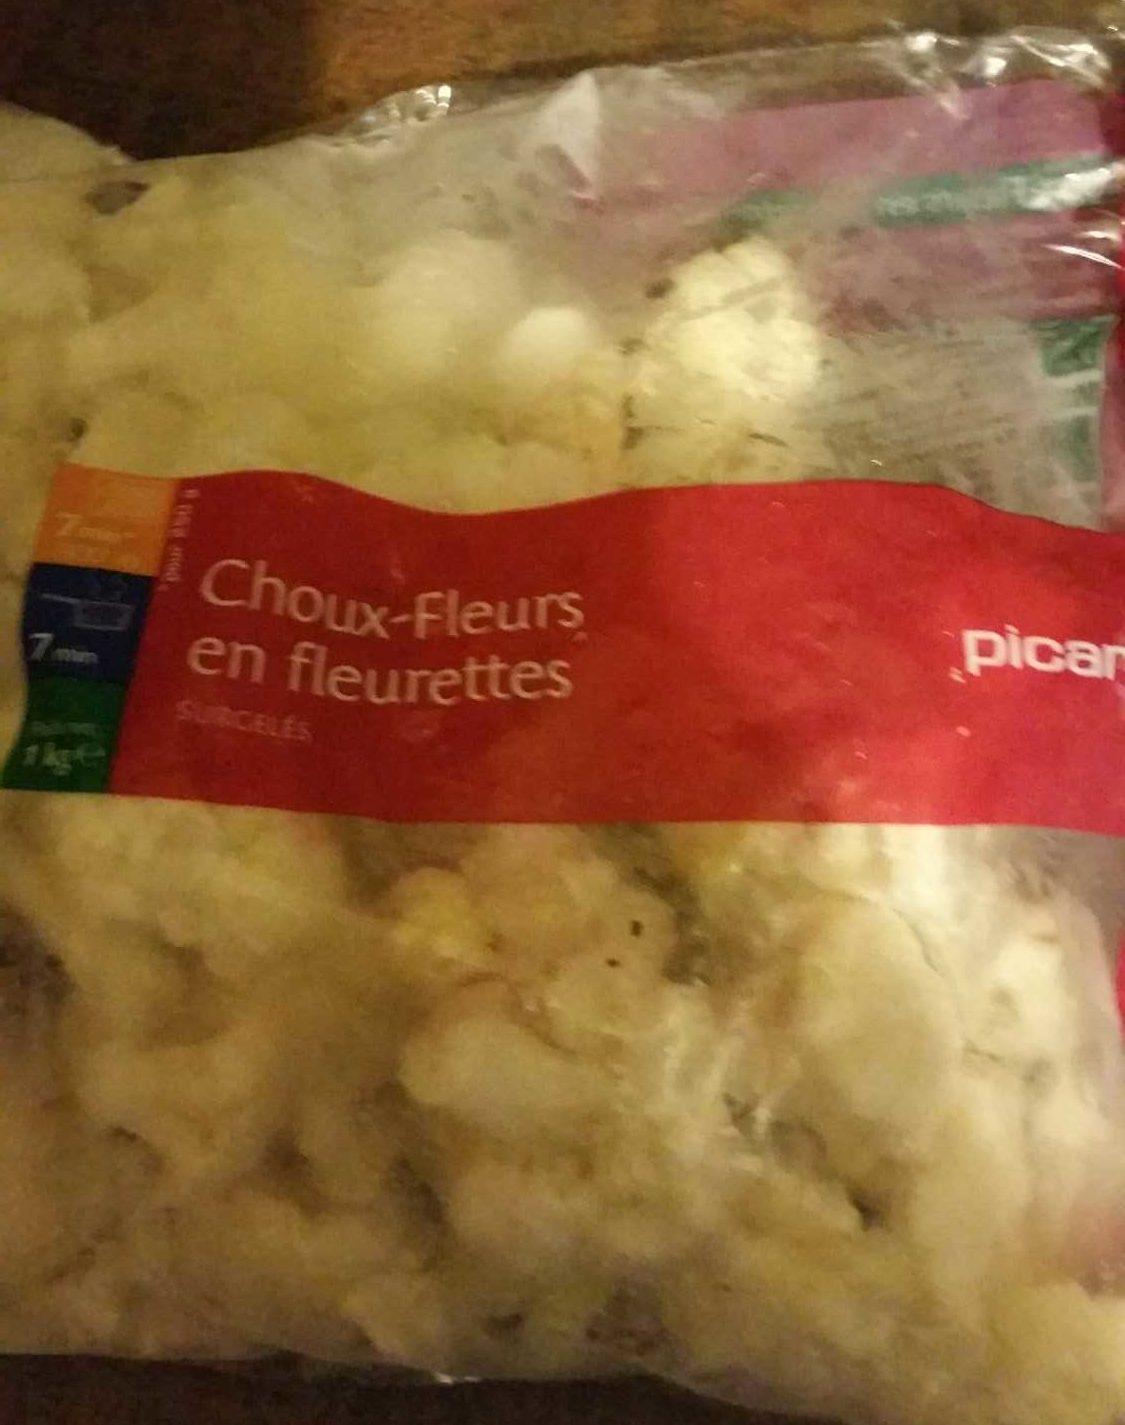 Choux-fleurs en Fleurettes - Produit